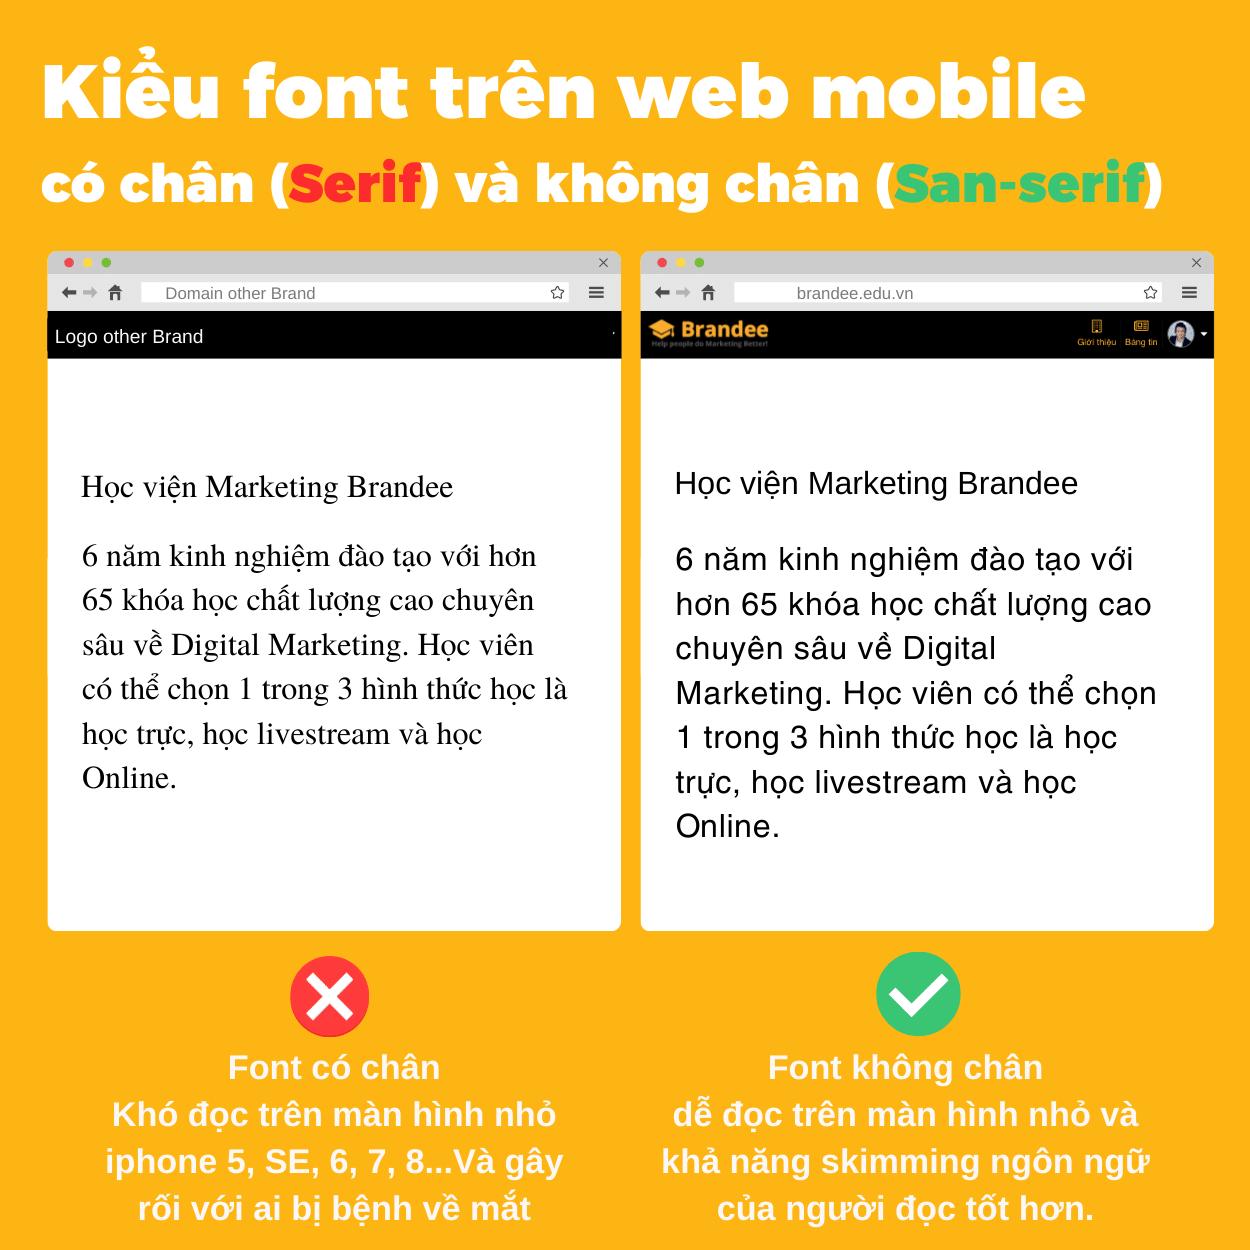 Kiểu font trên web mobile có chân (Serif) và không chân (San-serif)